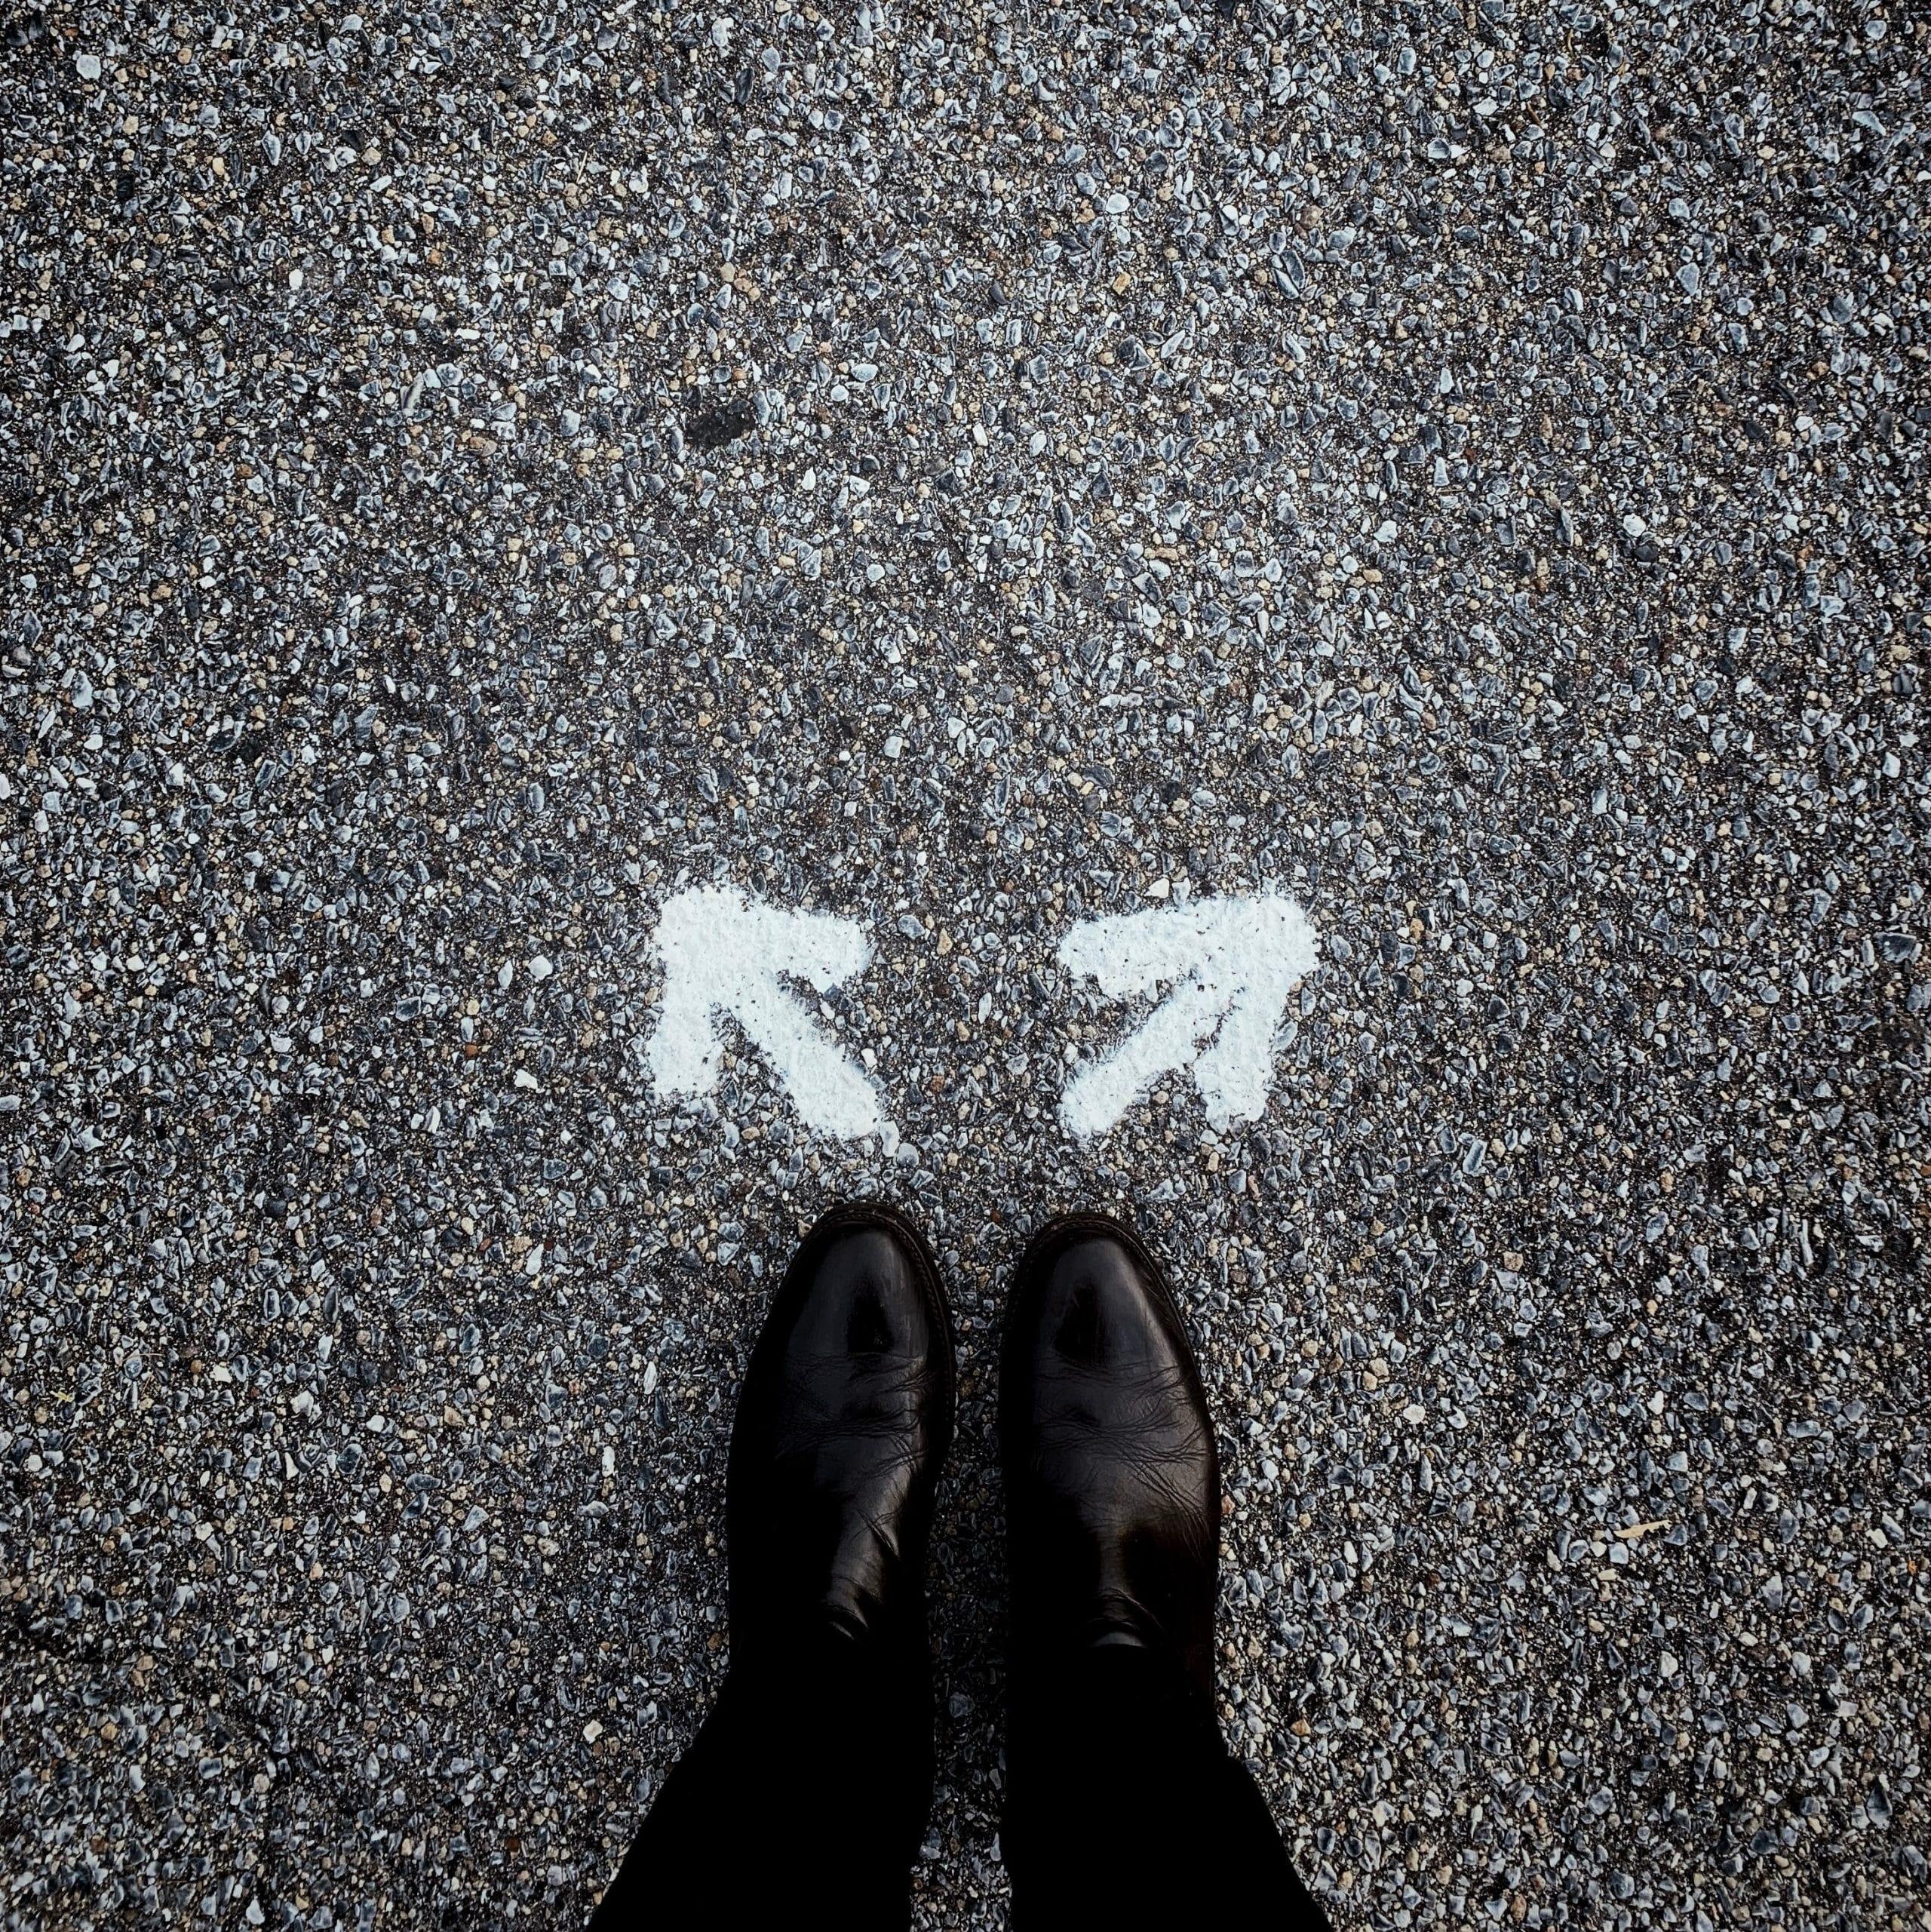 Pés parados perto de duas setas apontando para direções distintas no asfalto.